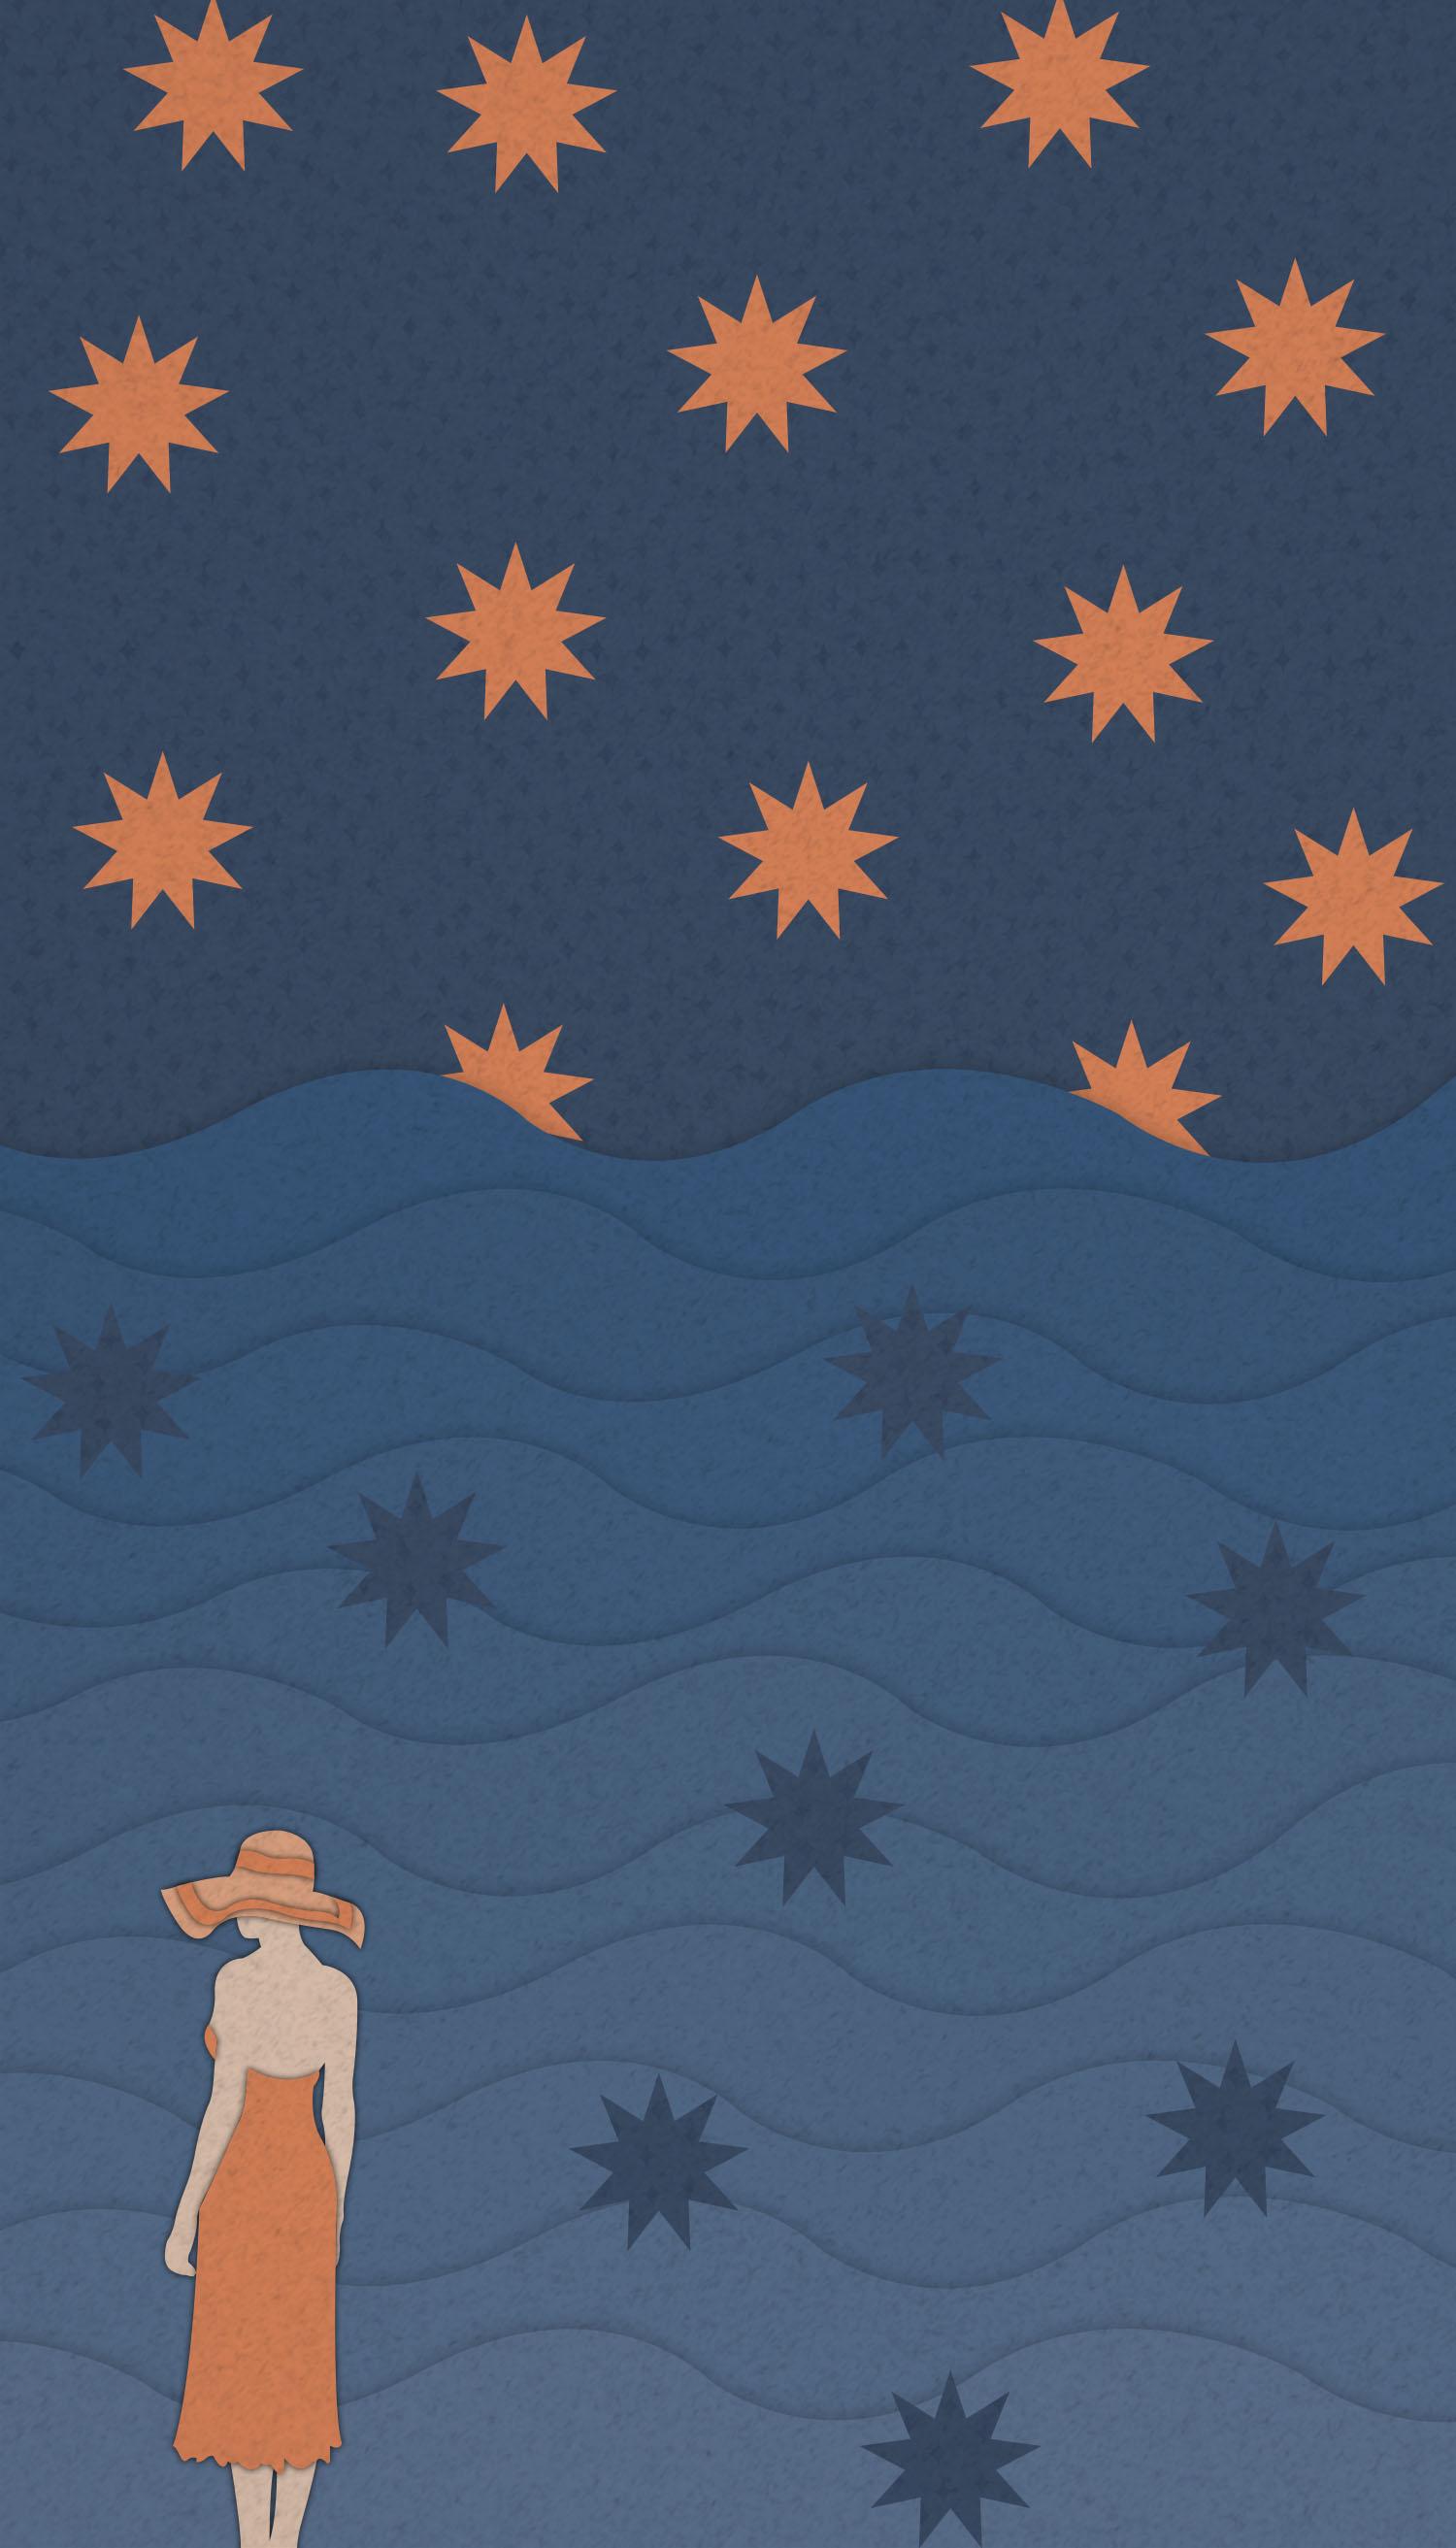 stars_backwards2.jpg